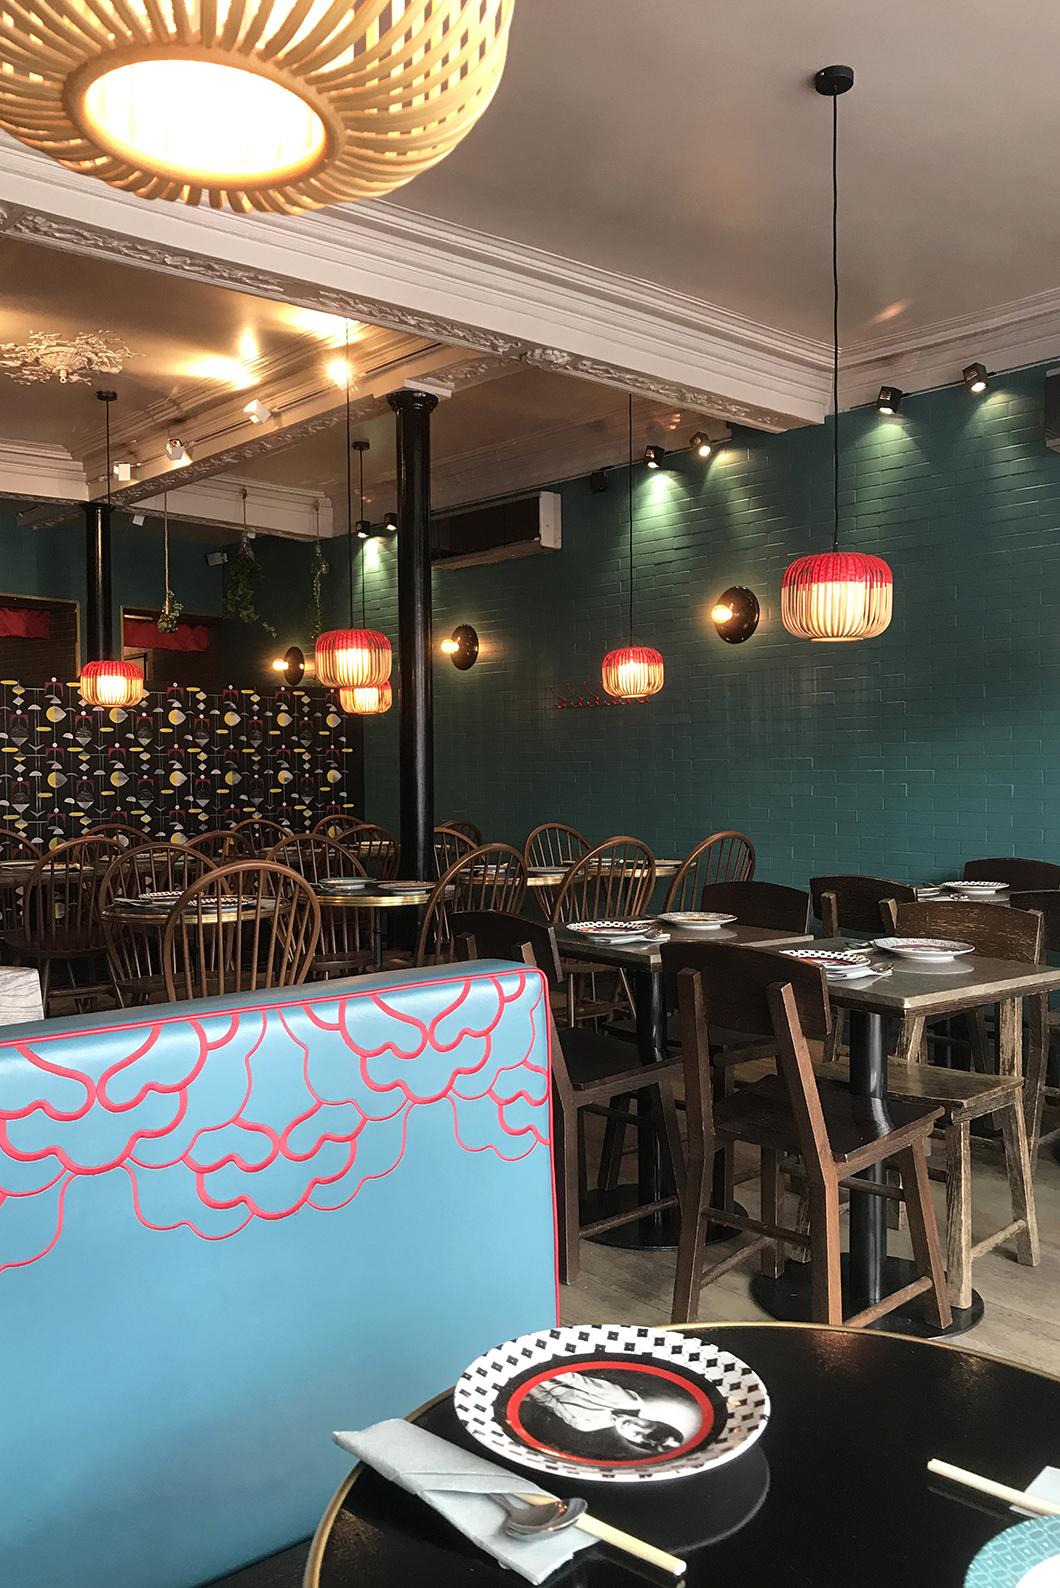 Yoom - restaurant de dim sum à Paris